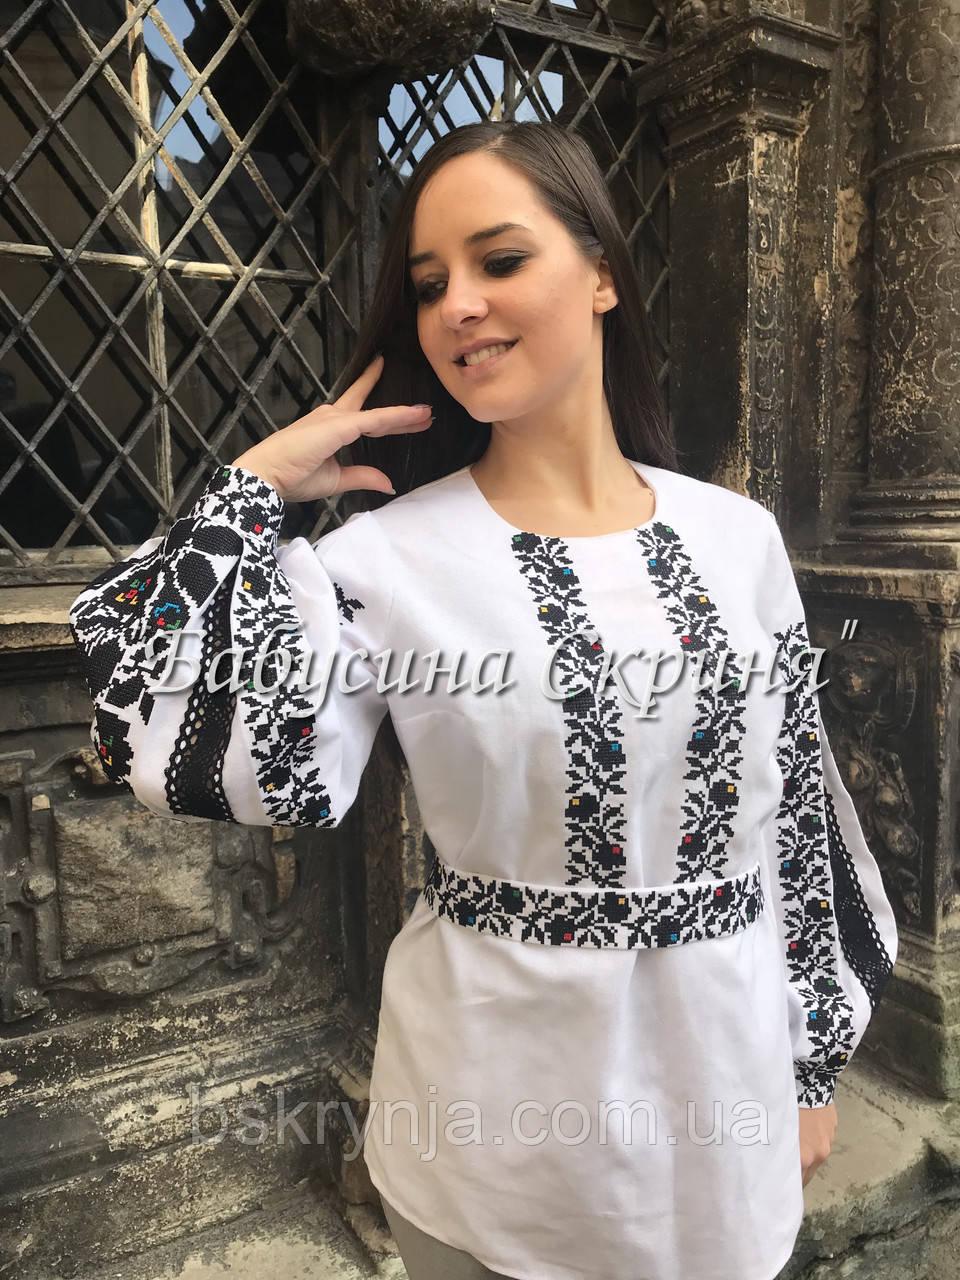 Борщівська сорочка вишита жіноча.Вишиванка жіноча МВ-126-2